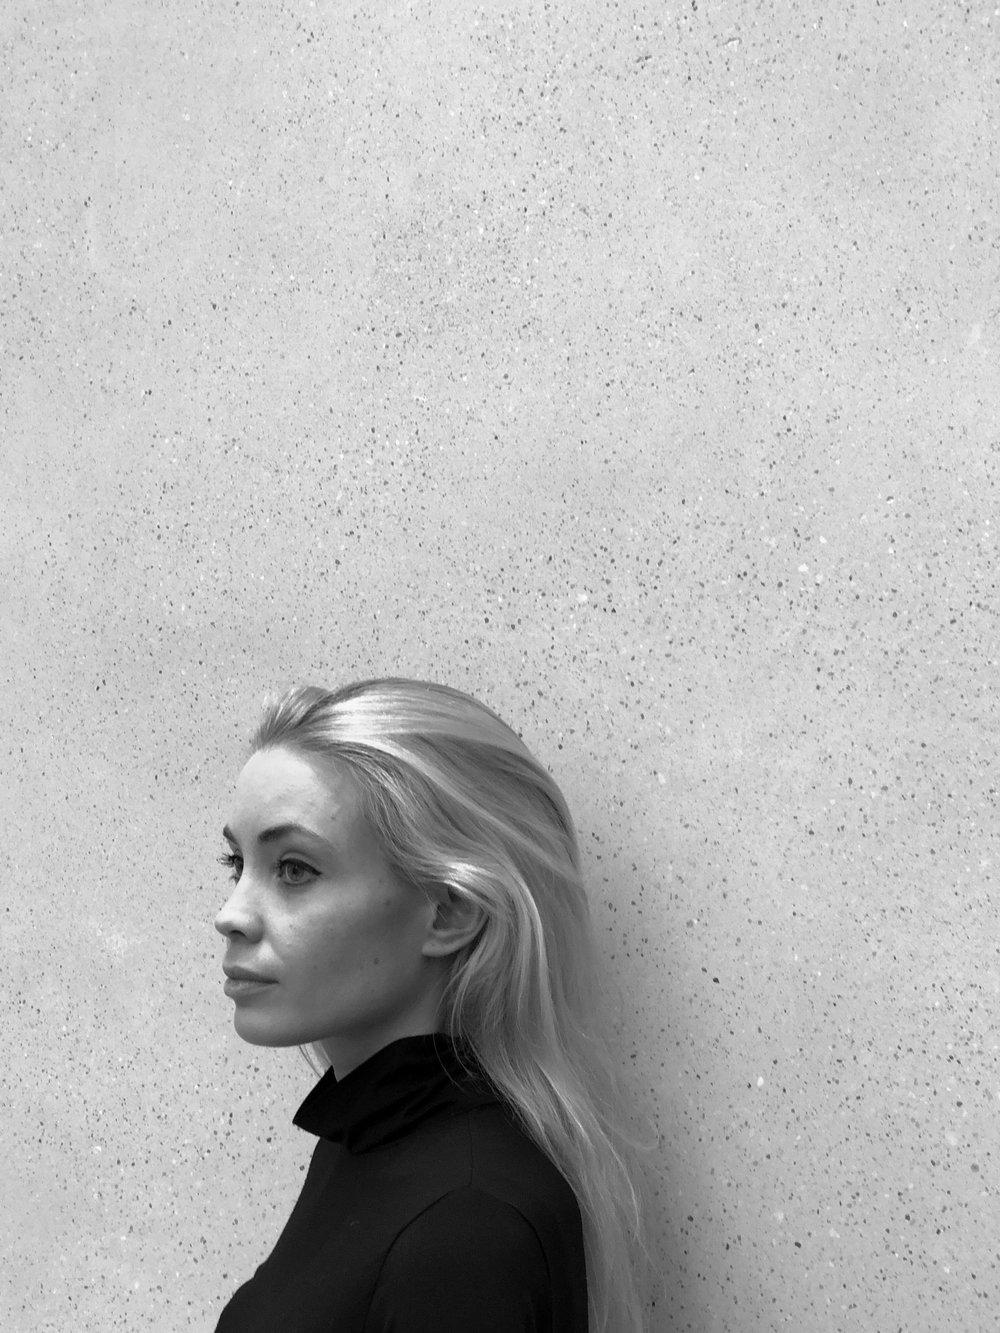 © Emilia Tikka